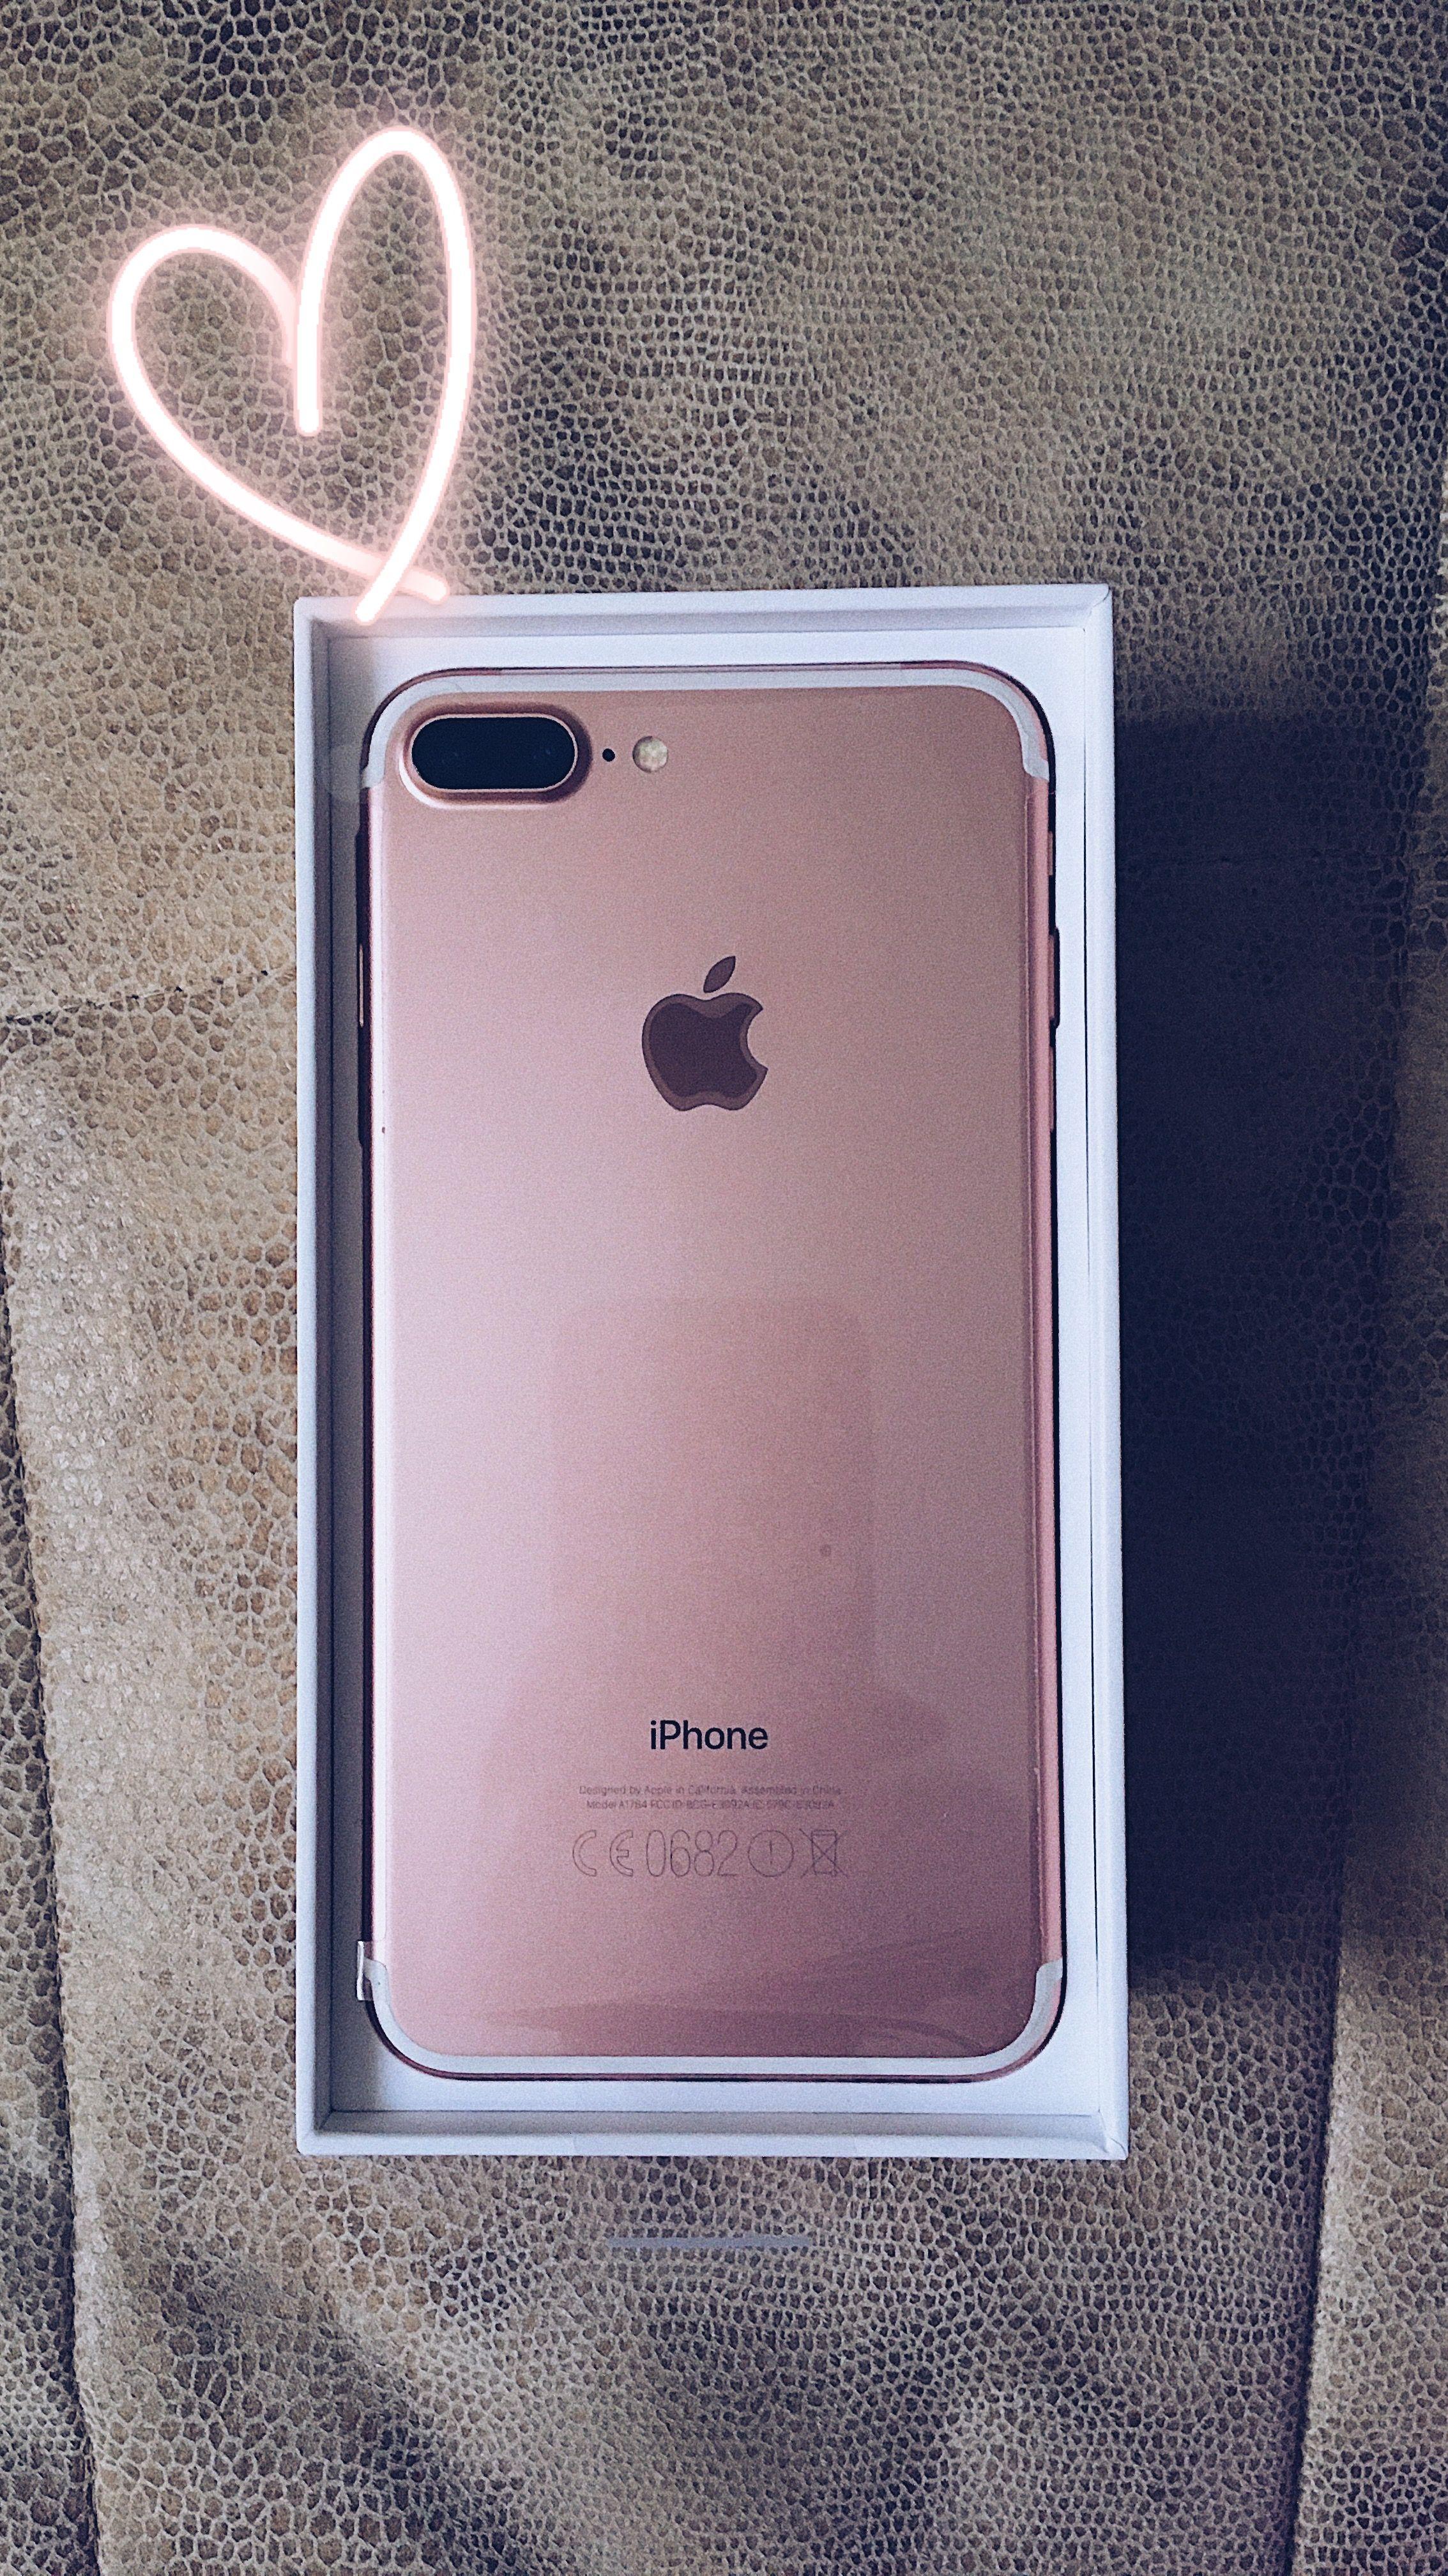 Iphone 7 Plus Rose Gold Acessorios Iphone Celulares Apple Capinhas Iphone 7 Plus